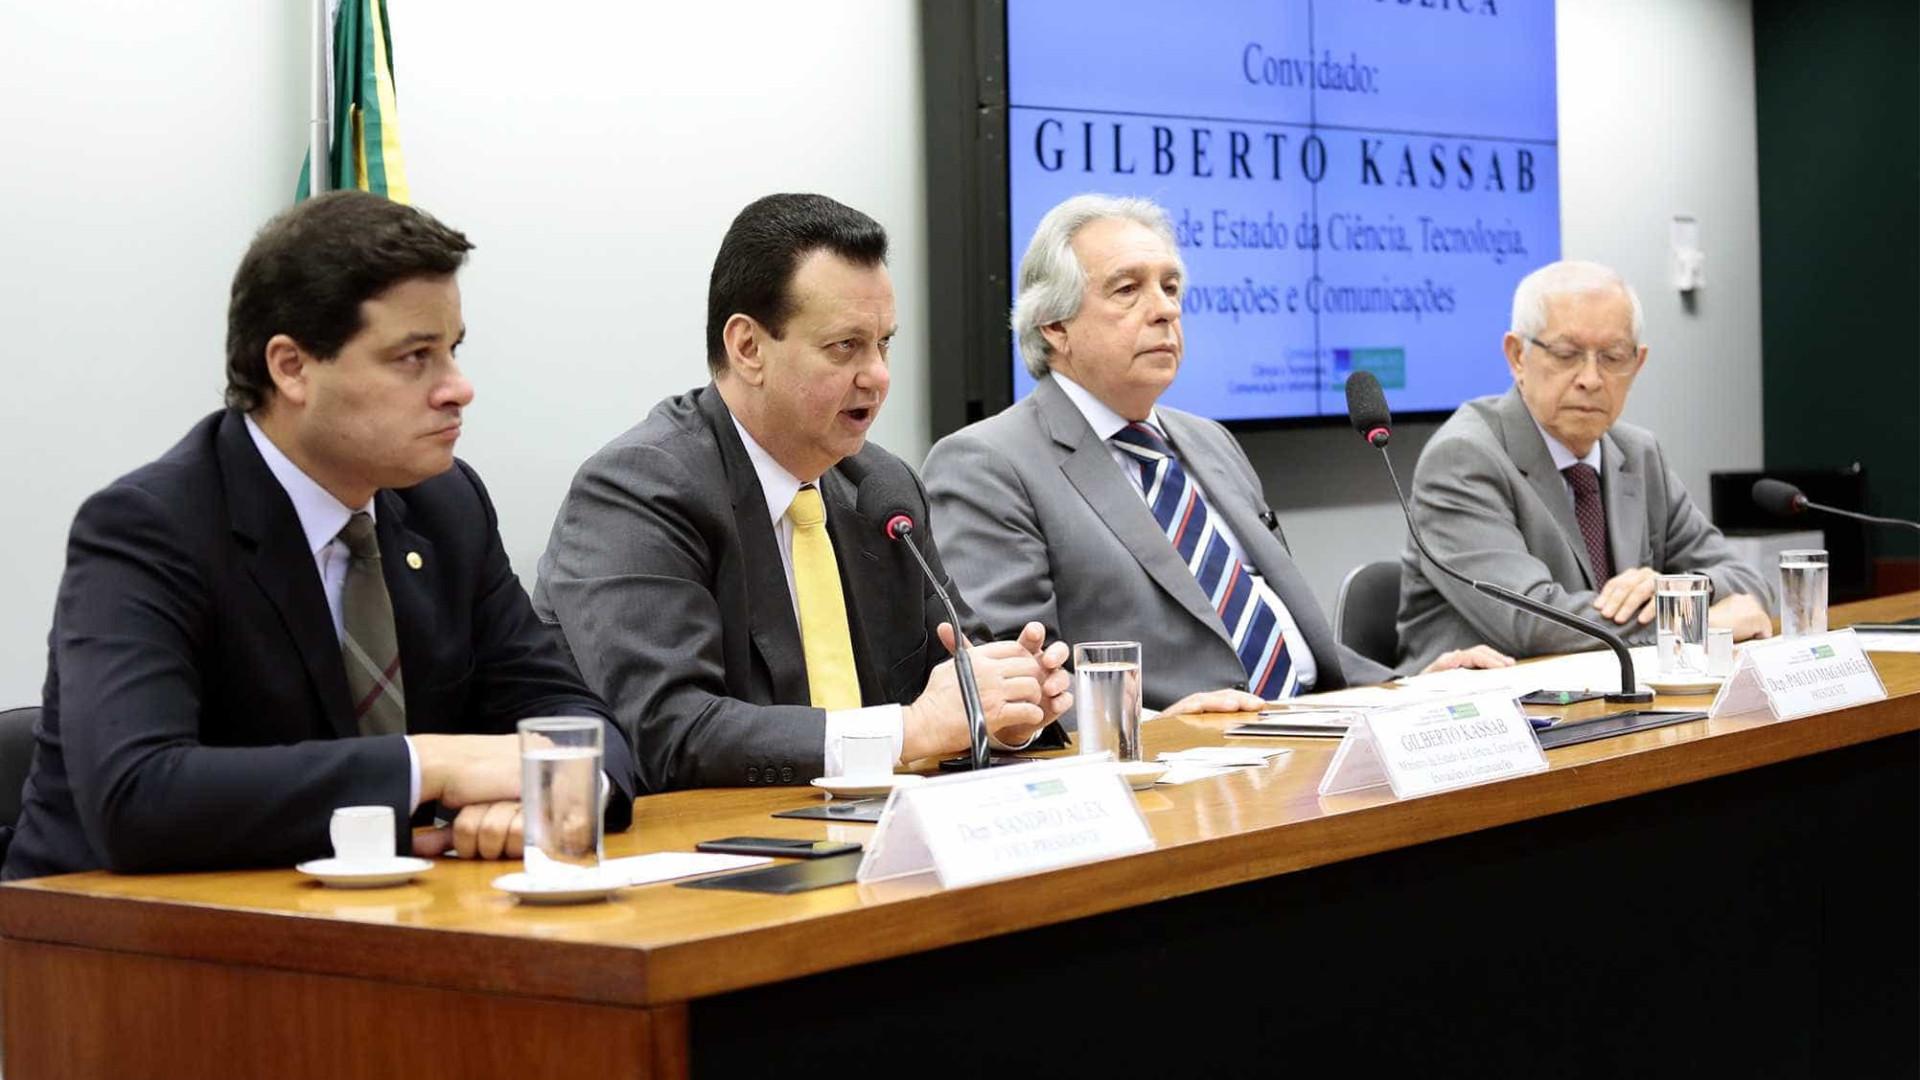 Ministro nega privatização dos Correios em audiência pública